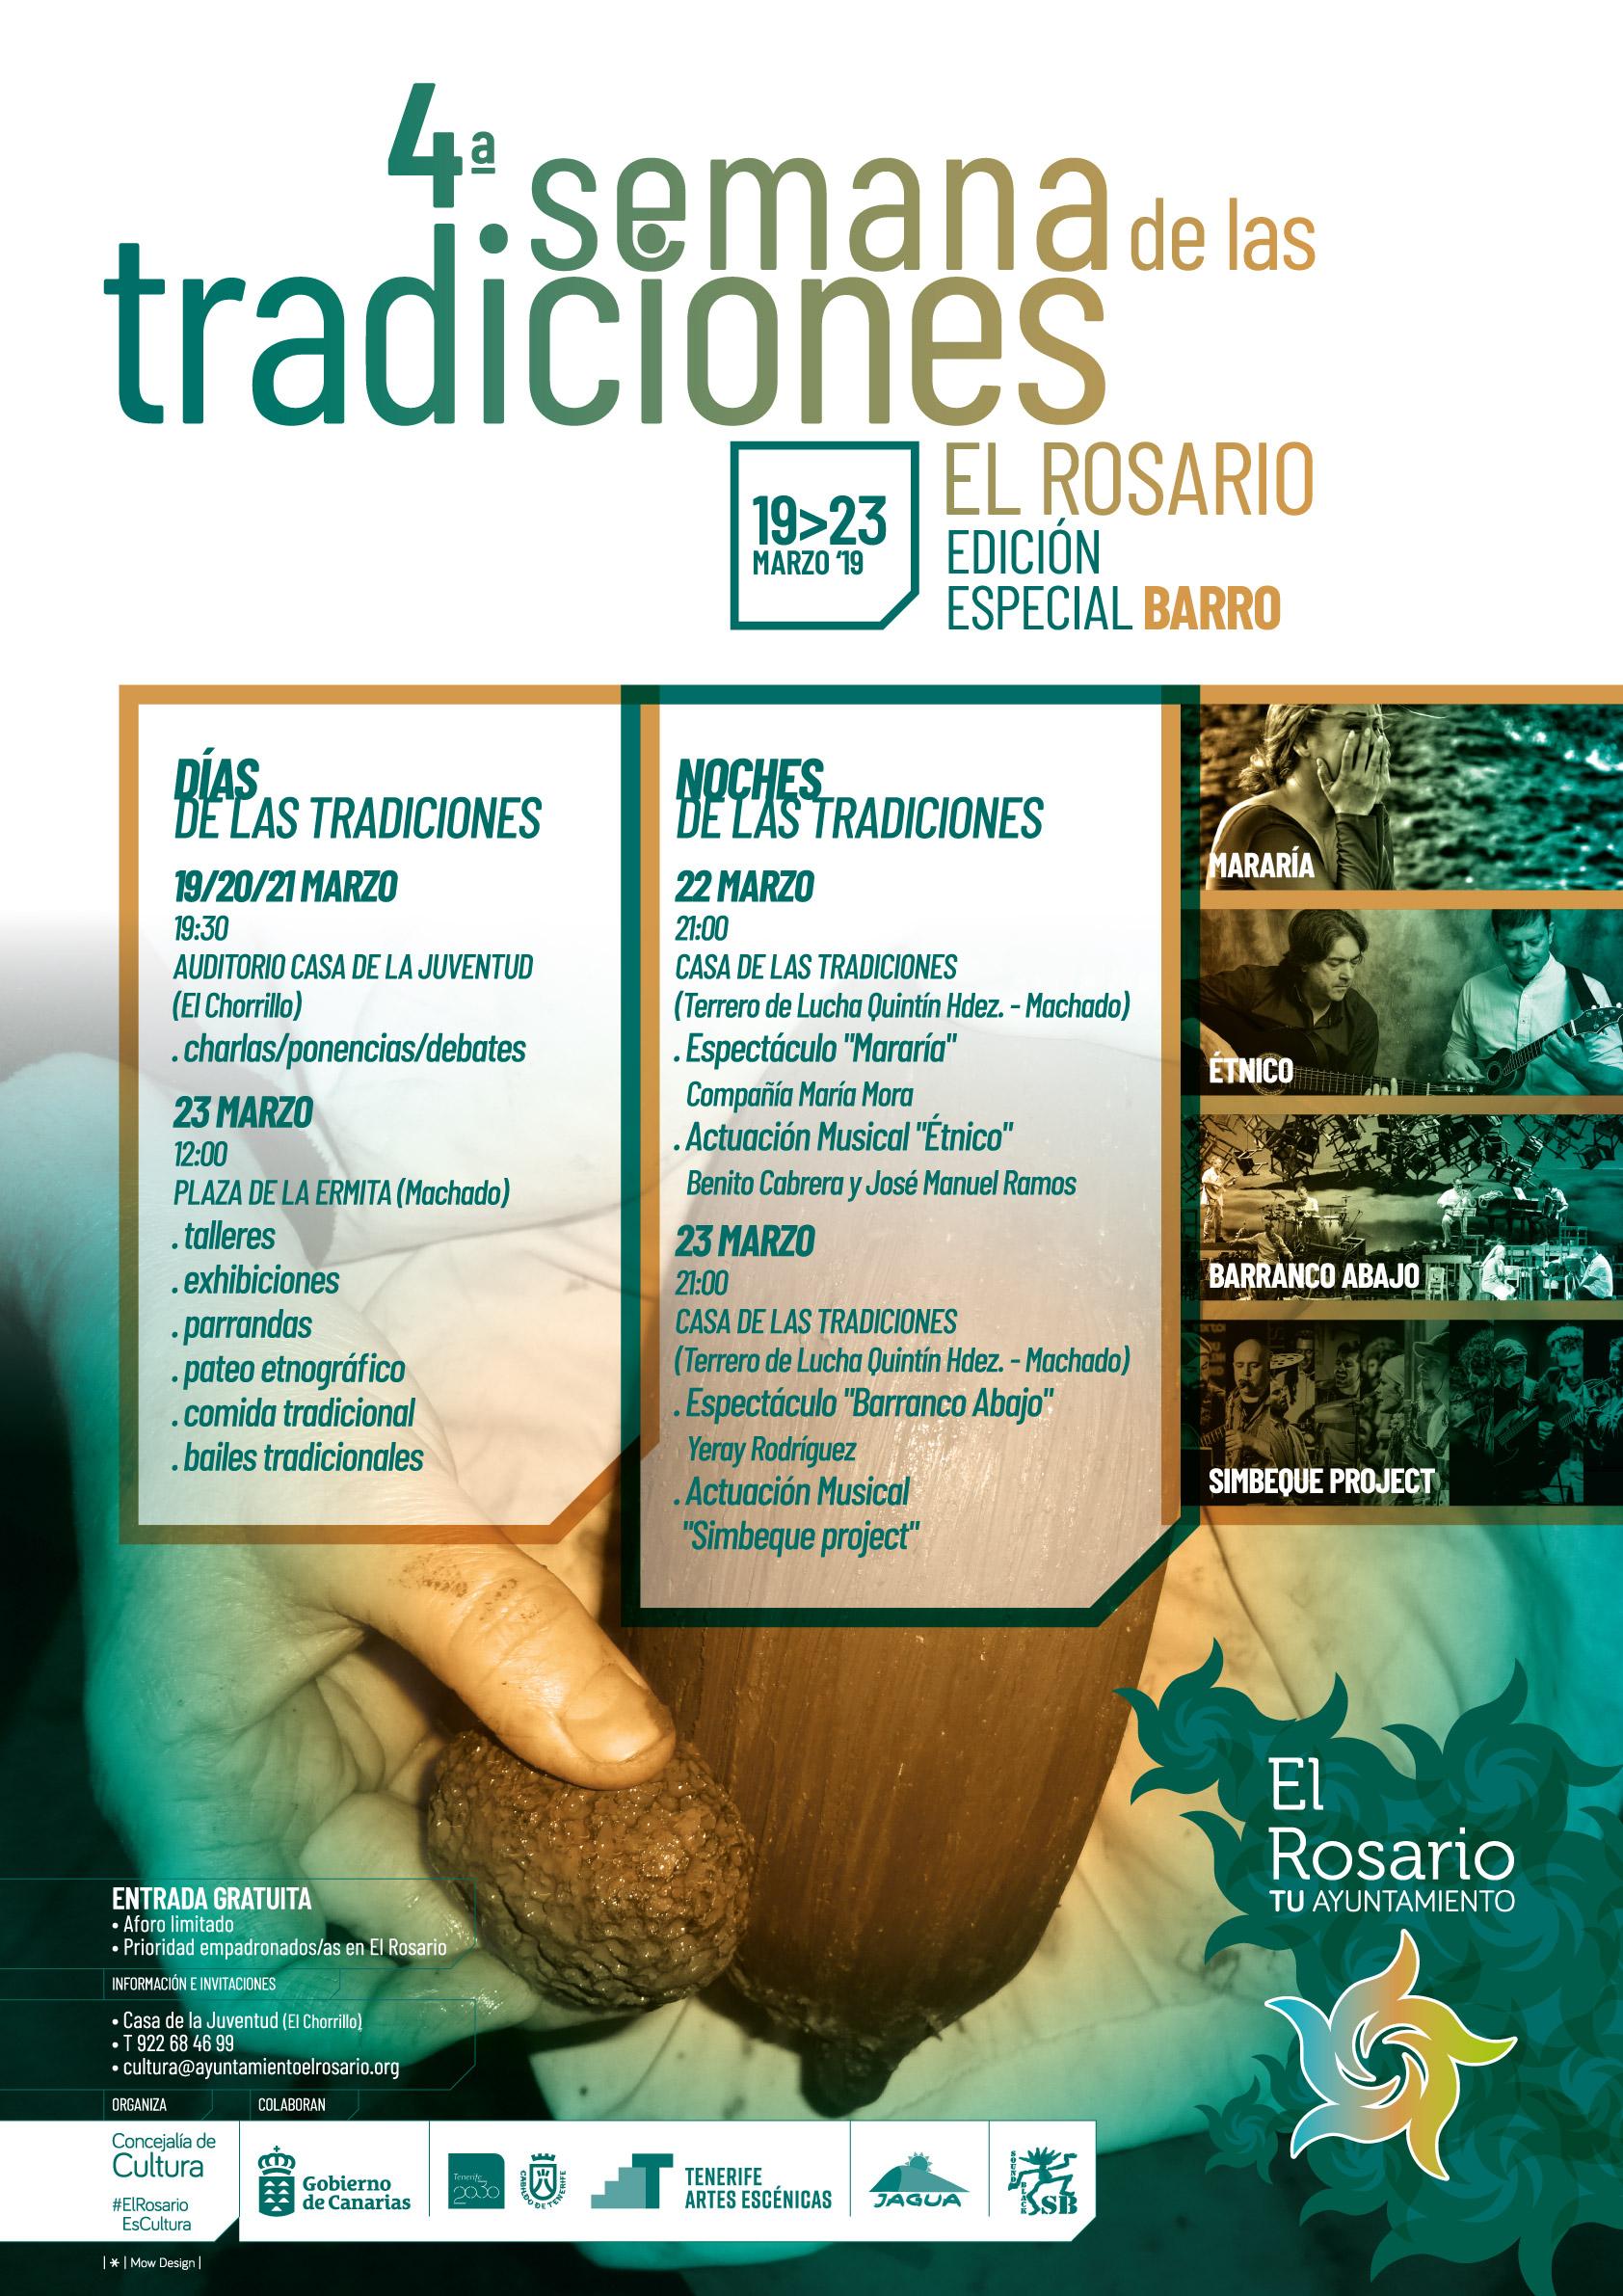 SEMANA-DE-LAS-TRADICIONES-20190319-CARTEL_A3-20190311-vB_01af-redes